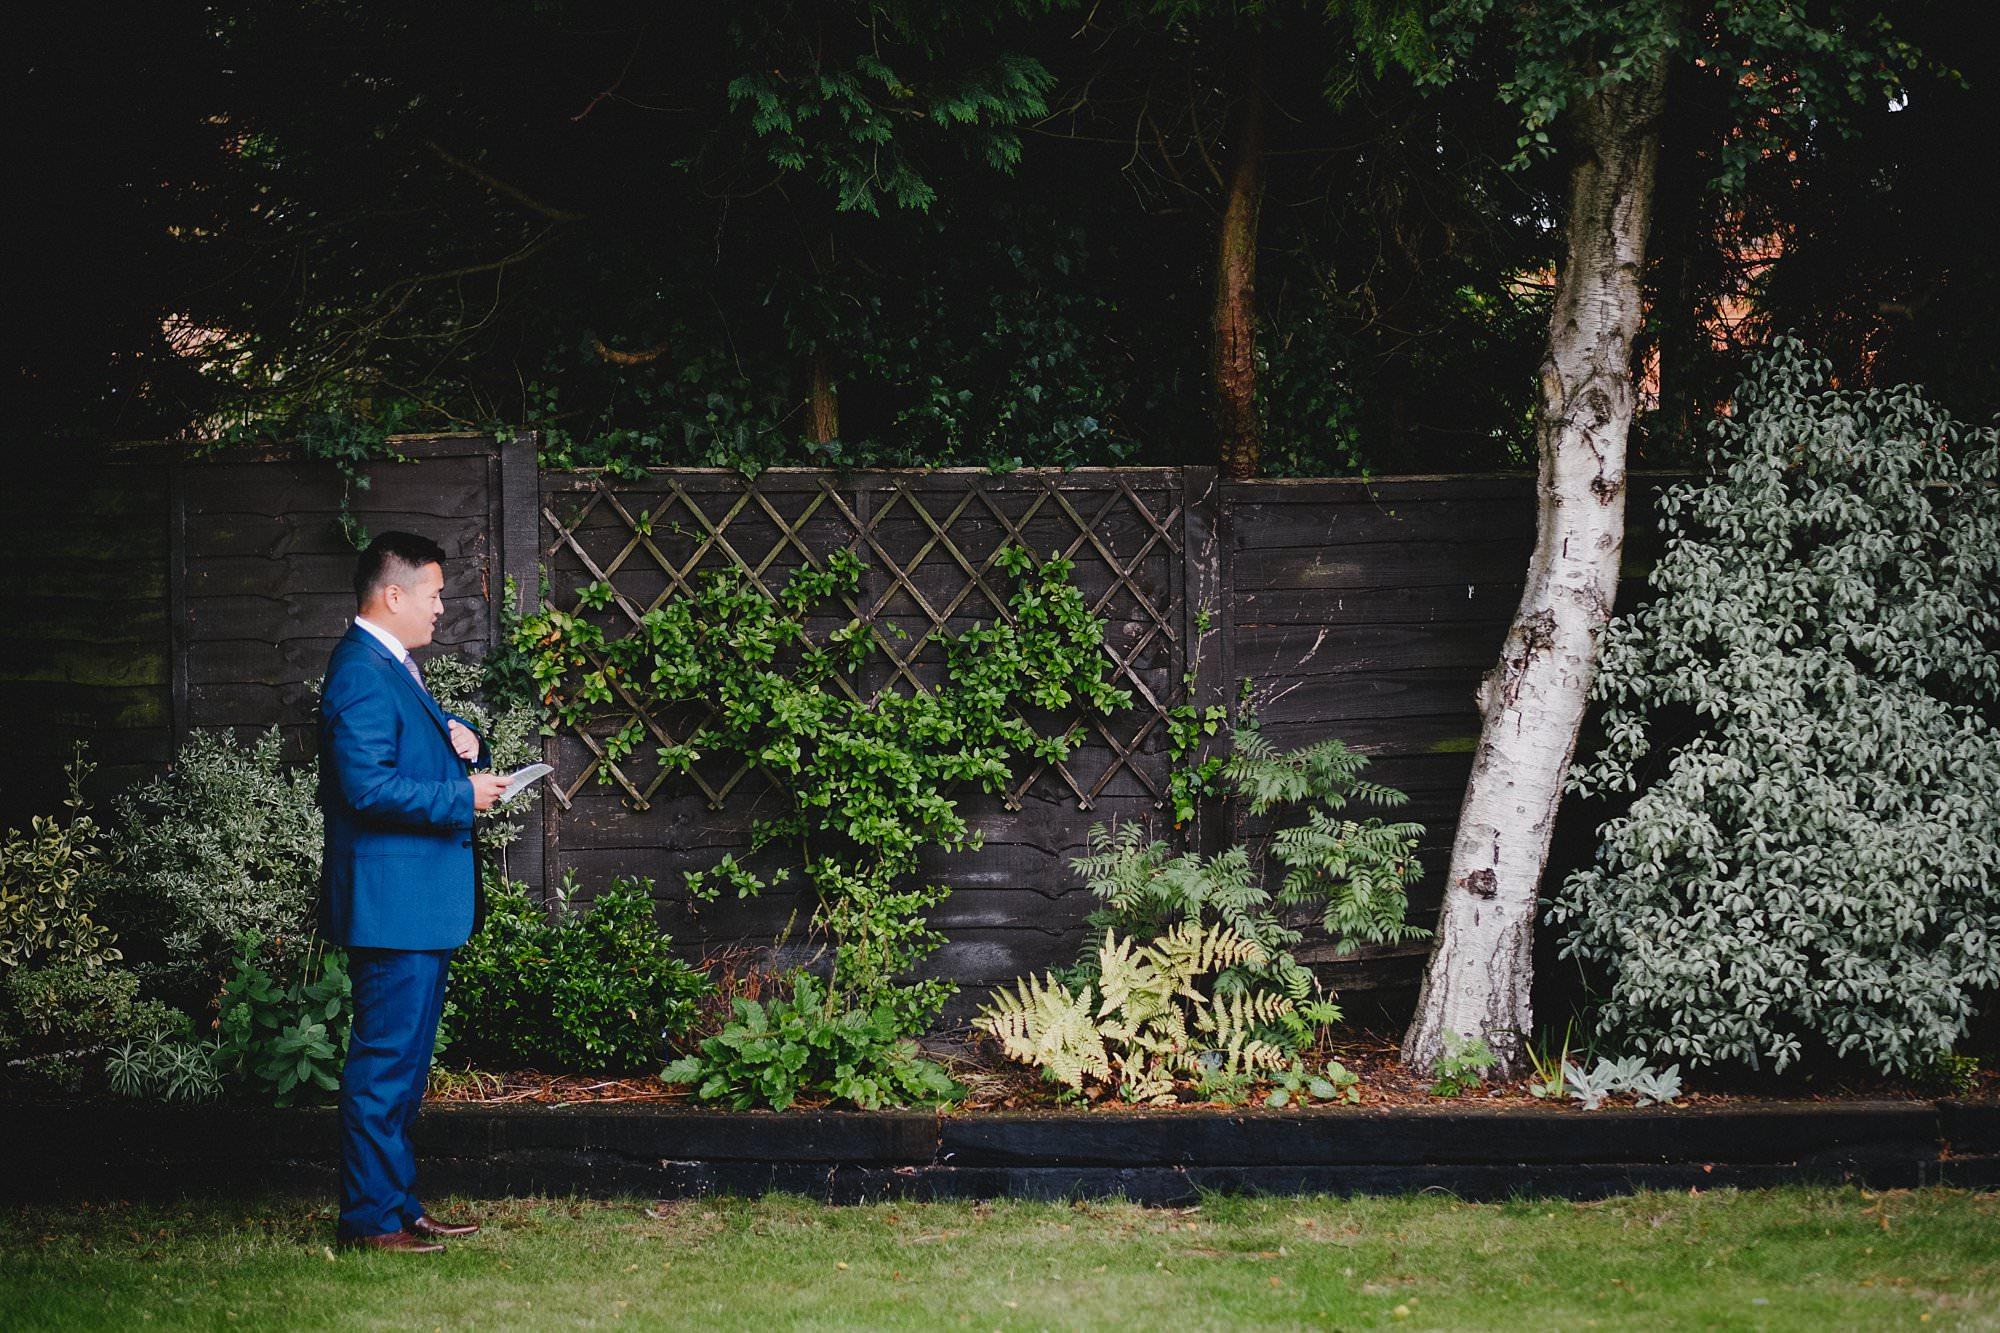 ashtead london wedding photographer 028 - Rachel & Jonny's Ashtead Wedding